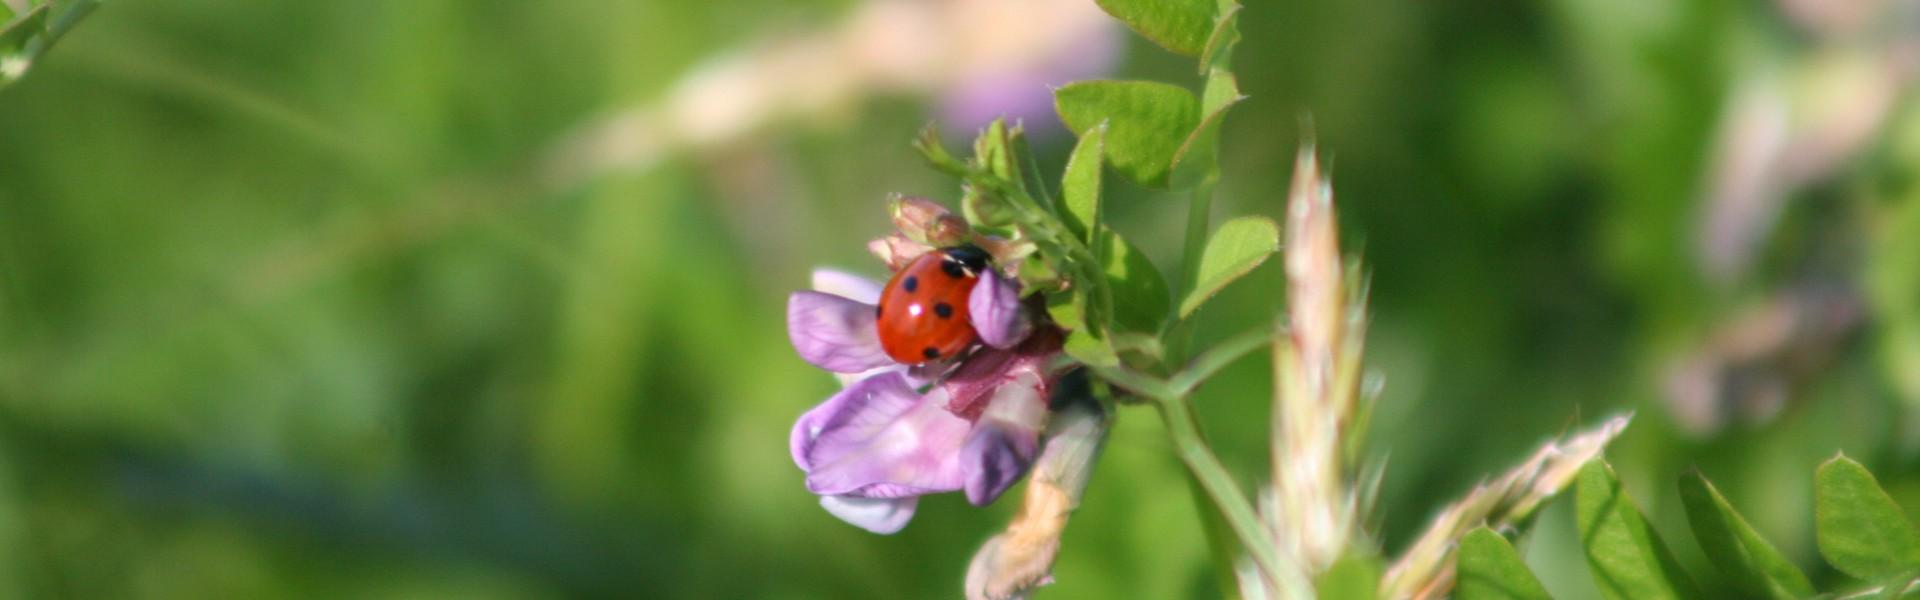 Marienkäfer an Blüte